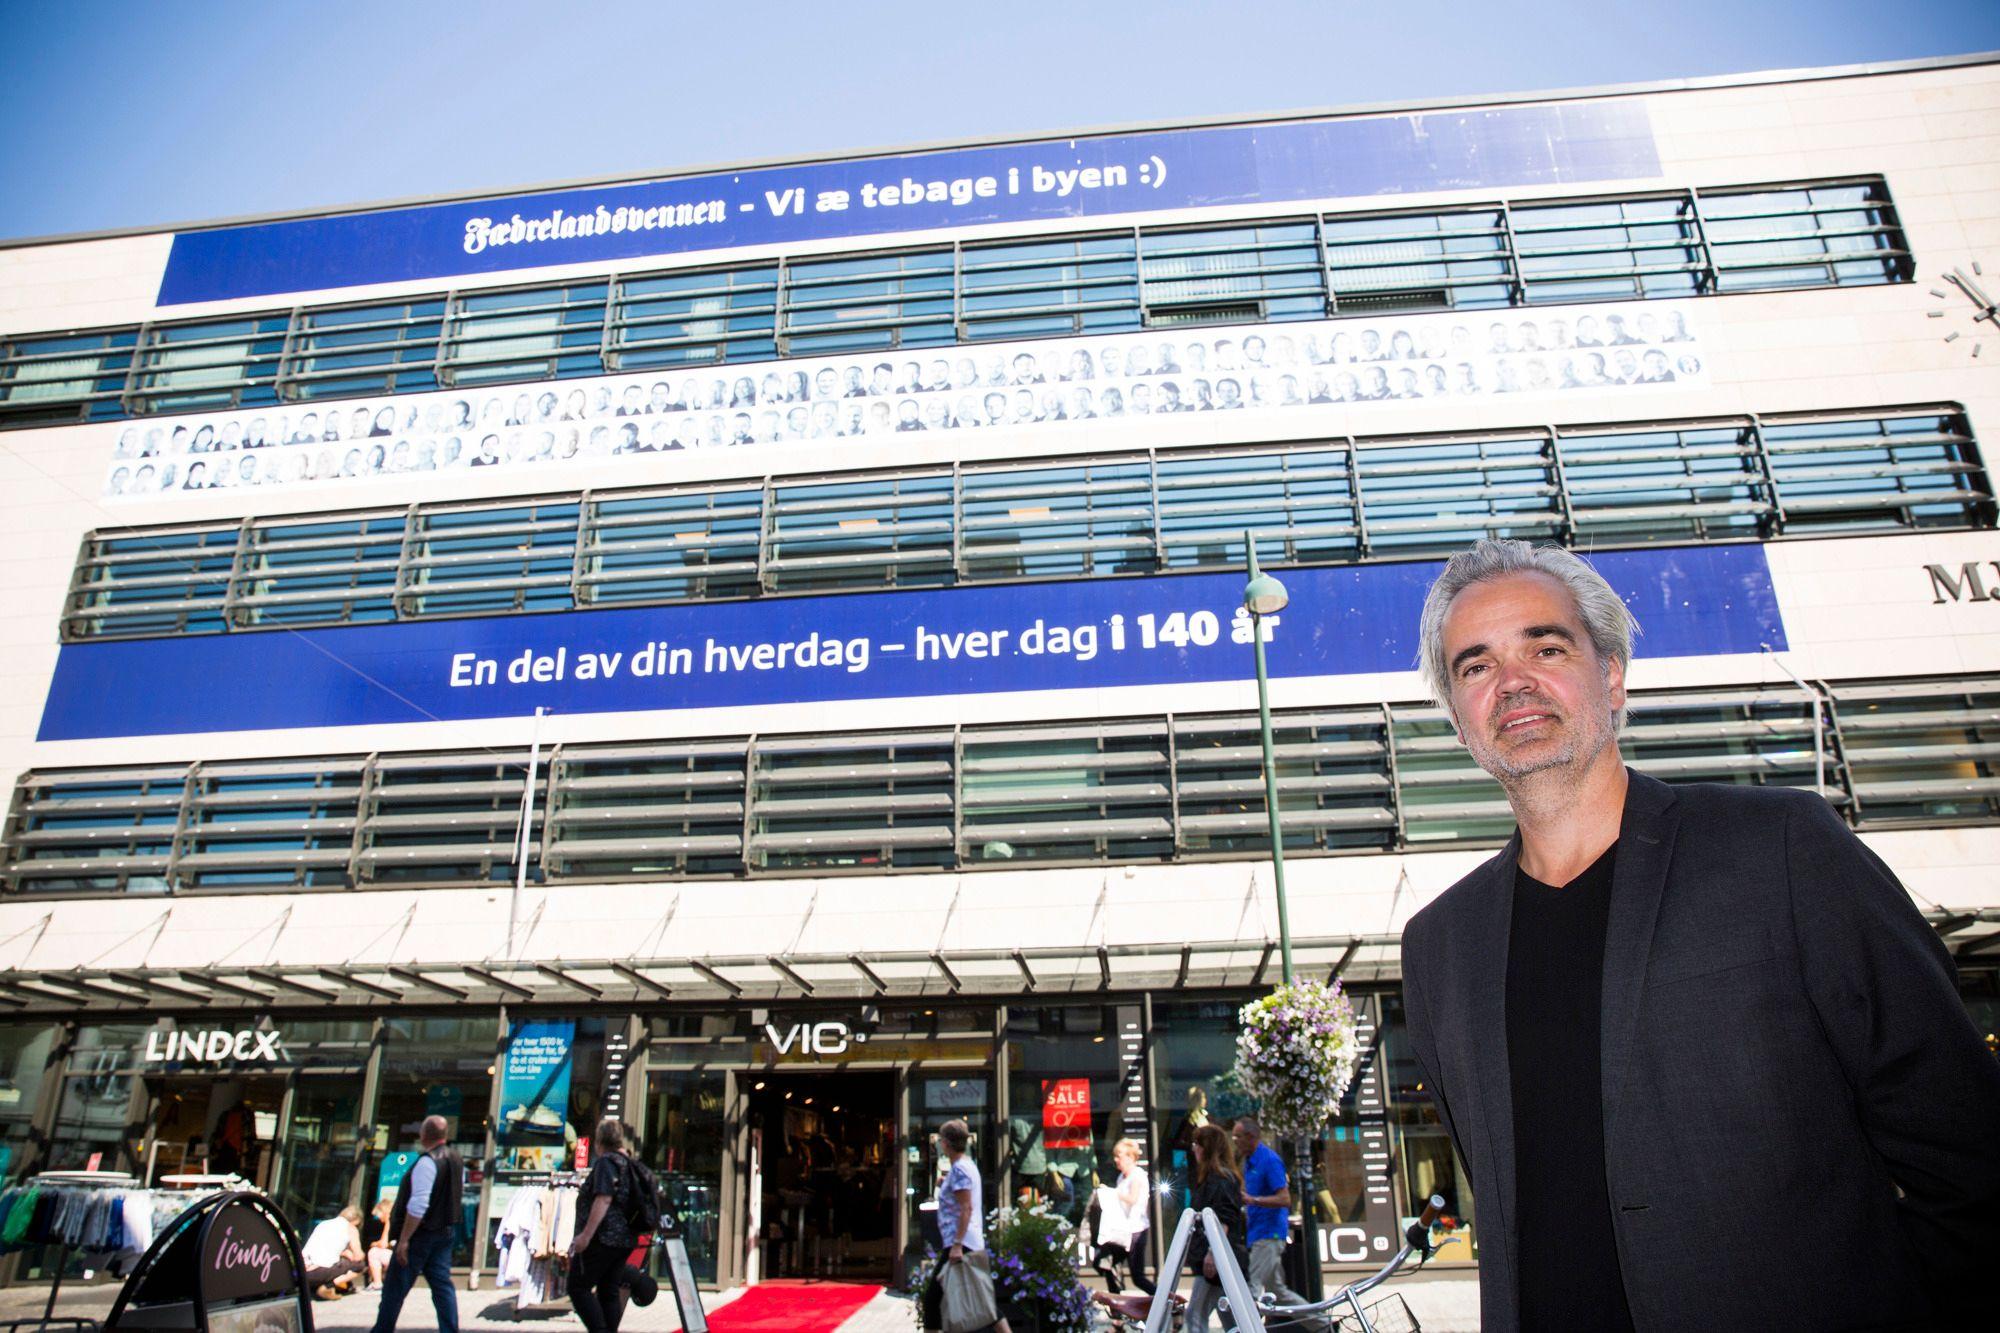 068fe52f Fevennen e 140 år å tæbage i byen. Så i kveld feirer Eivind & co med ...